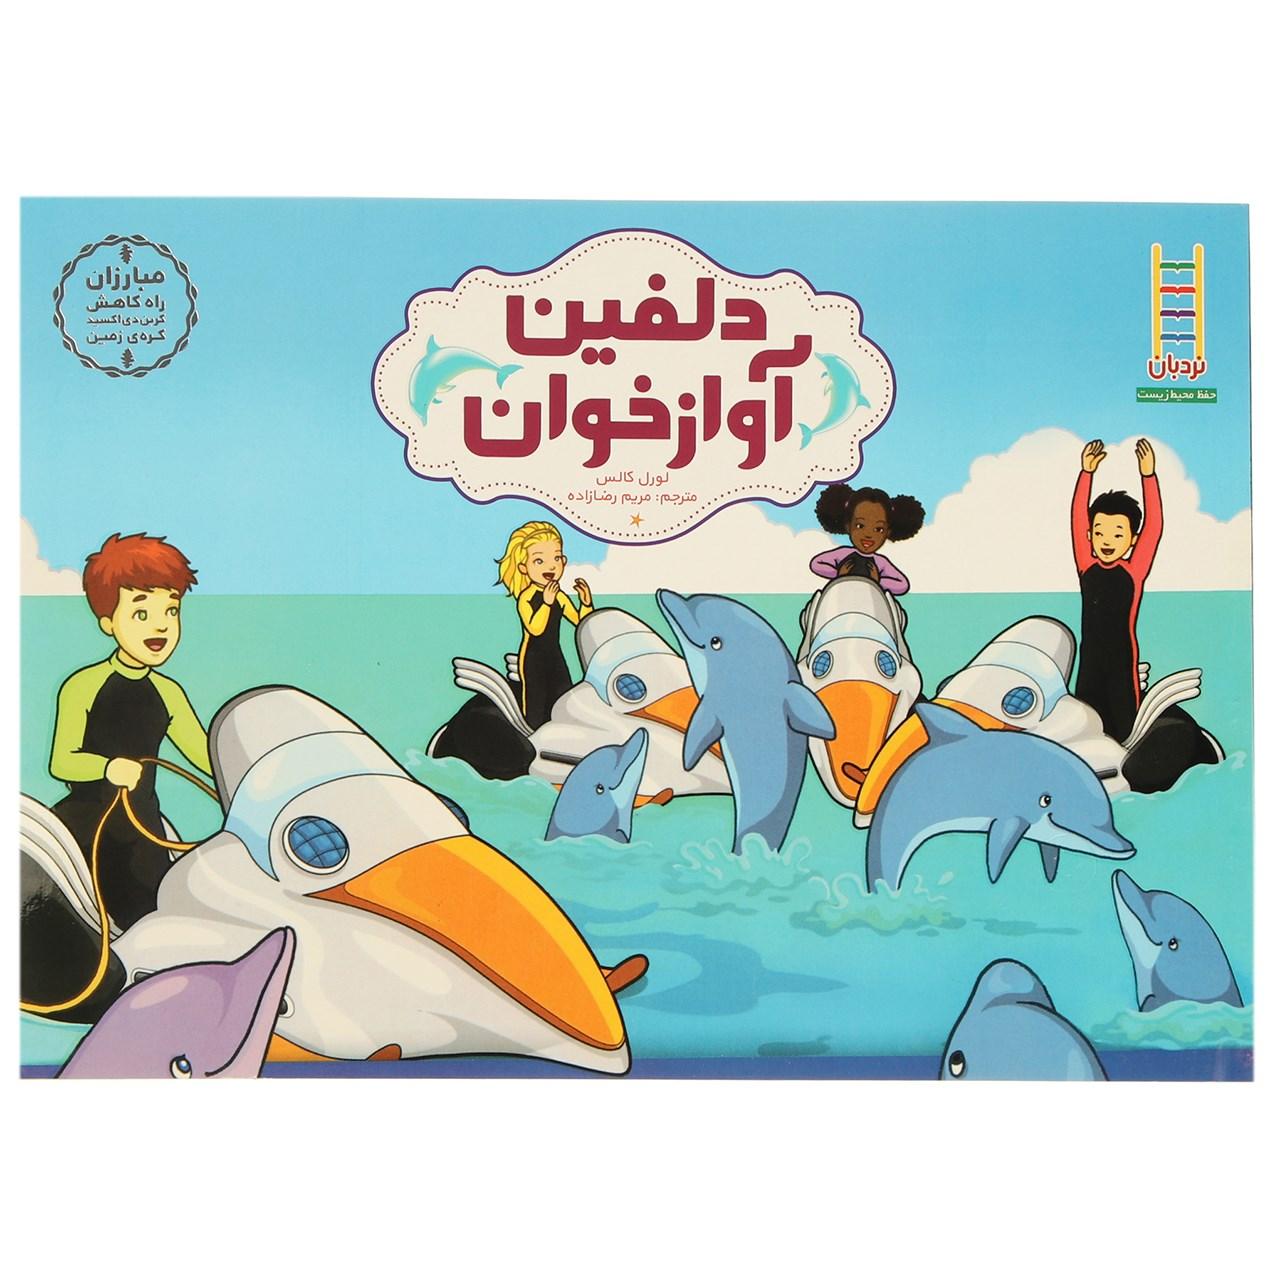 کتاب دلفین آوازخوان اثر لورل کالس